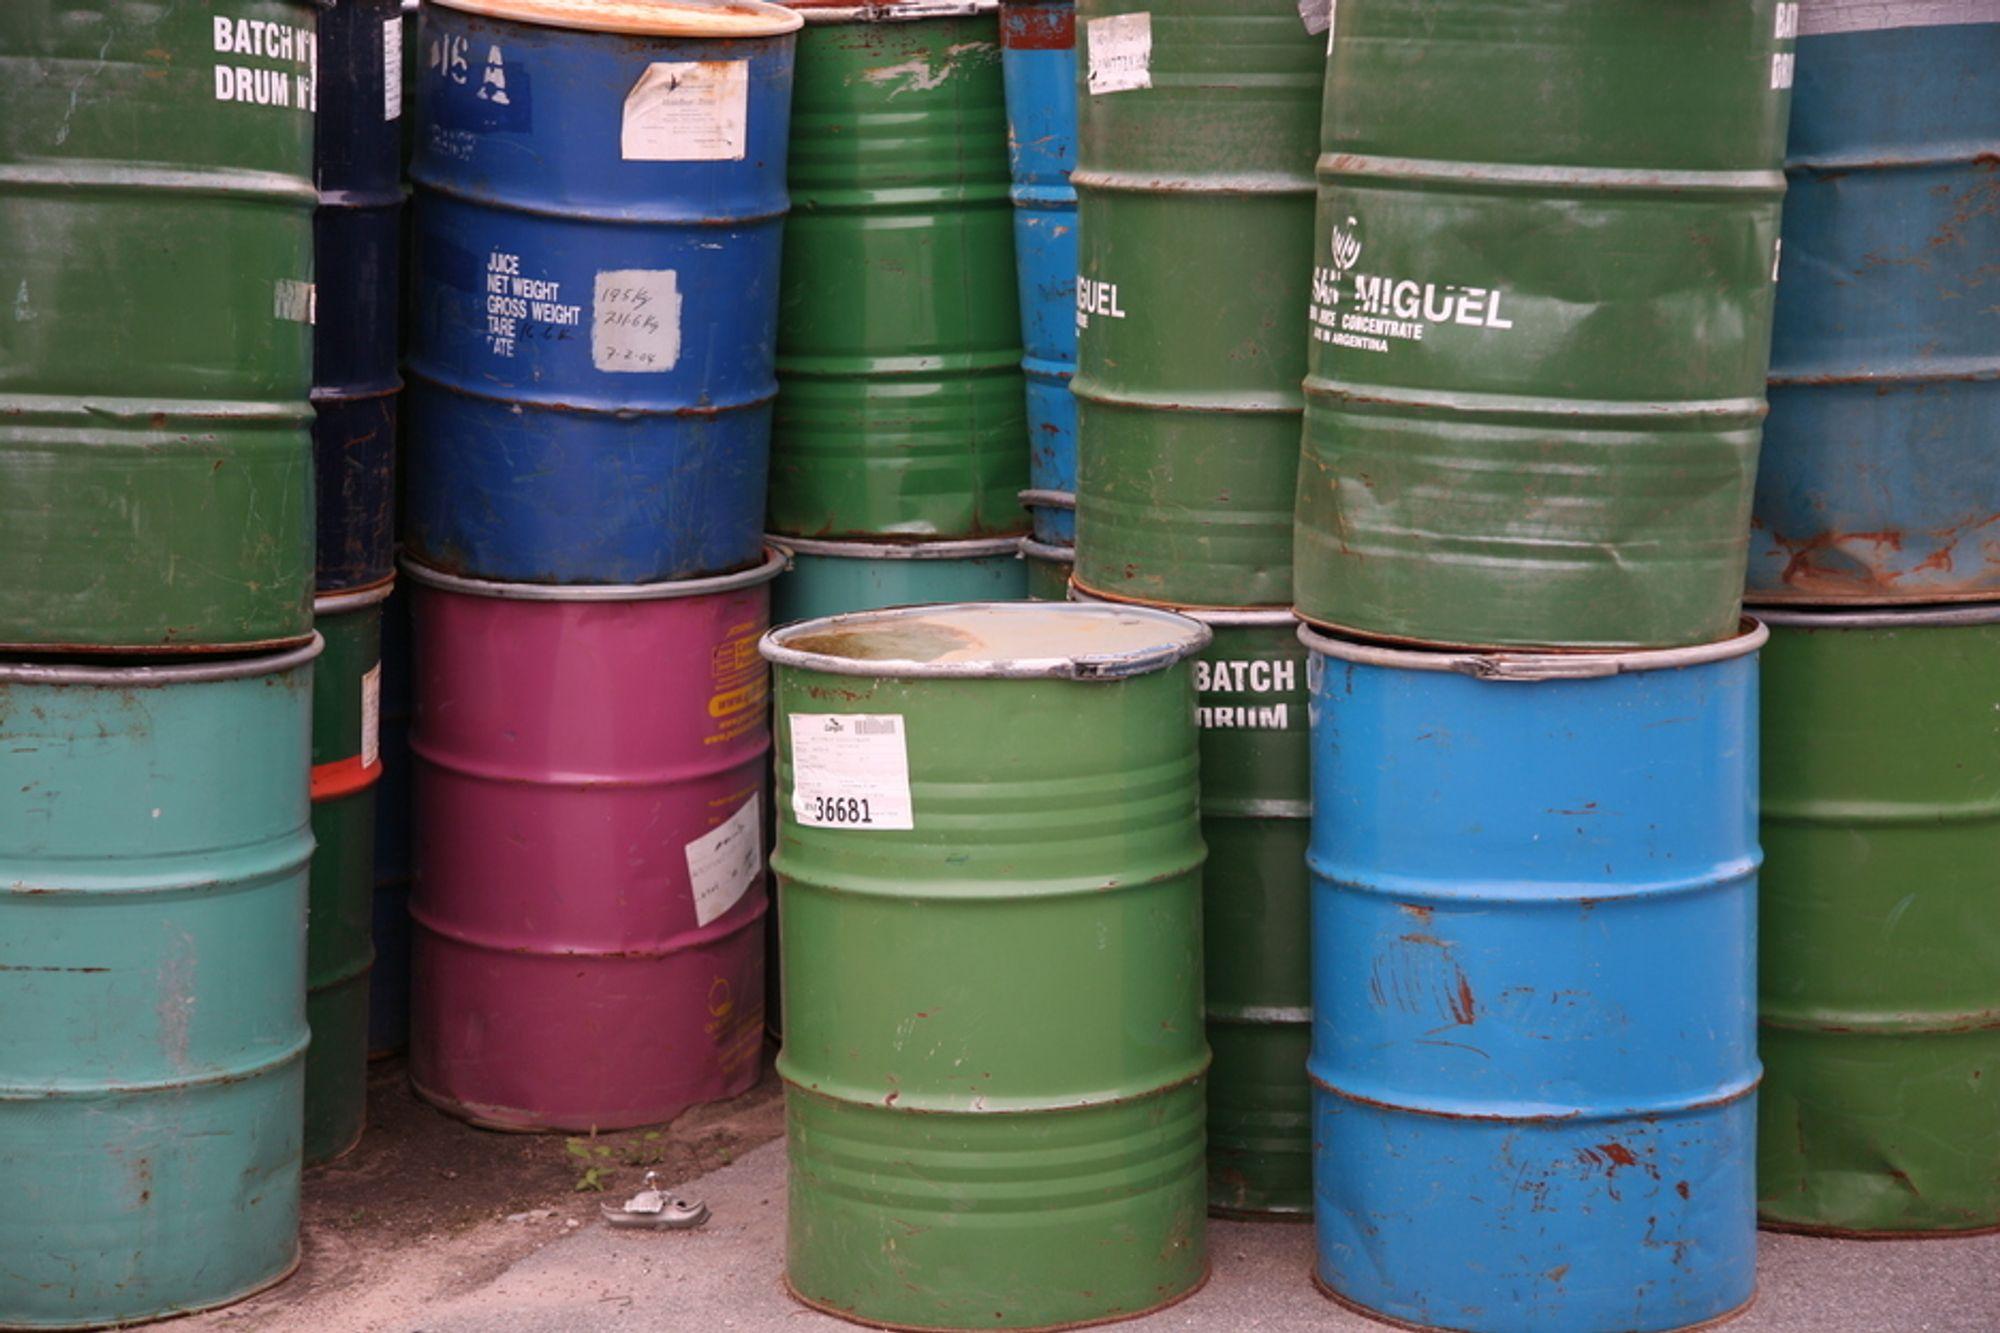 Oljefat. oljefyring, brensel, miljøvennlig, biodrivstoff, energi, varmepumpe, strømforbruk. spillolje